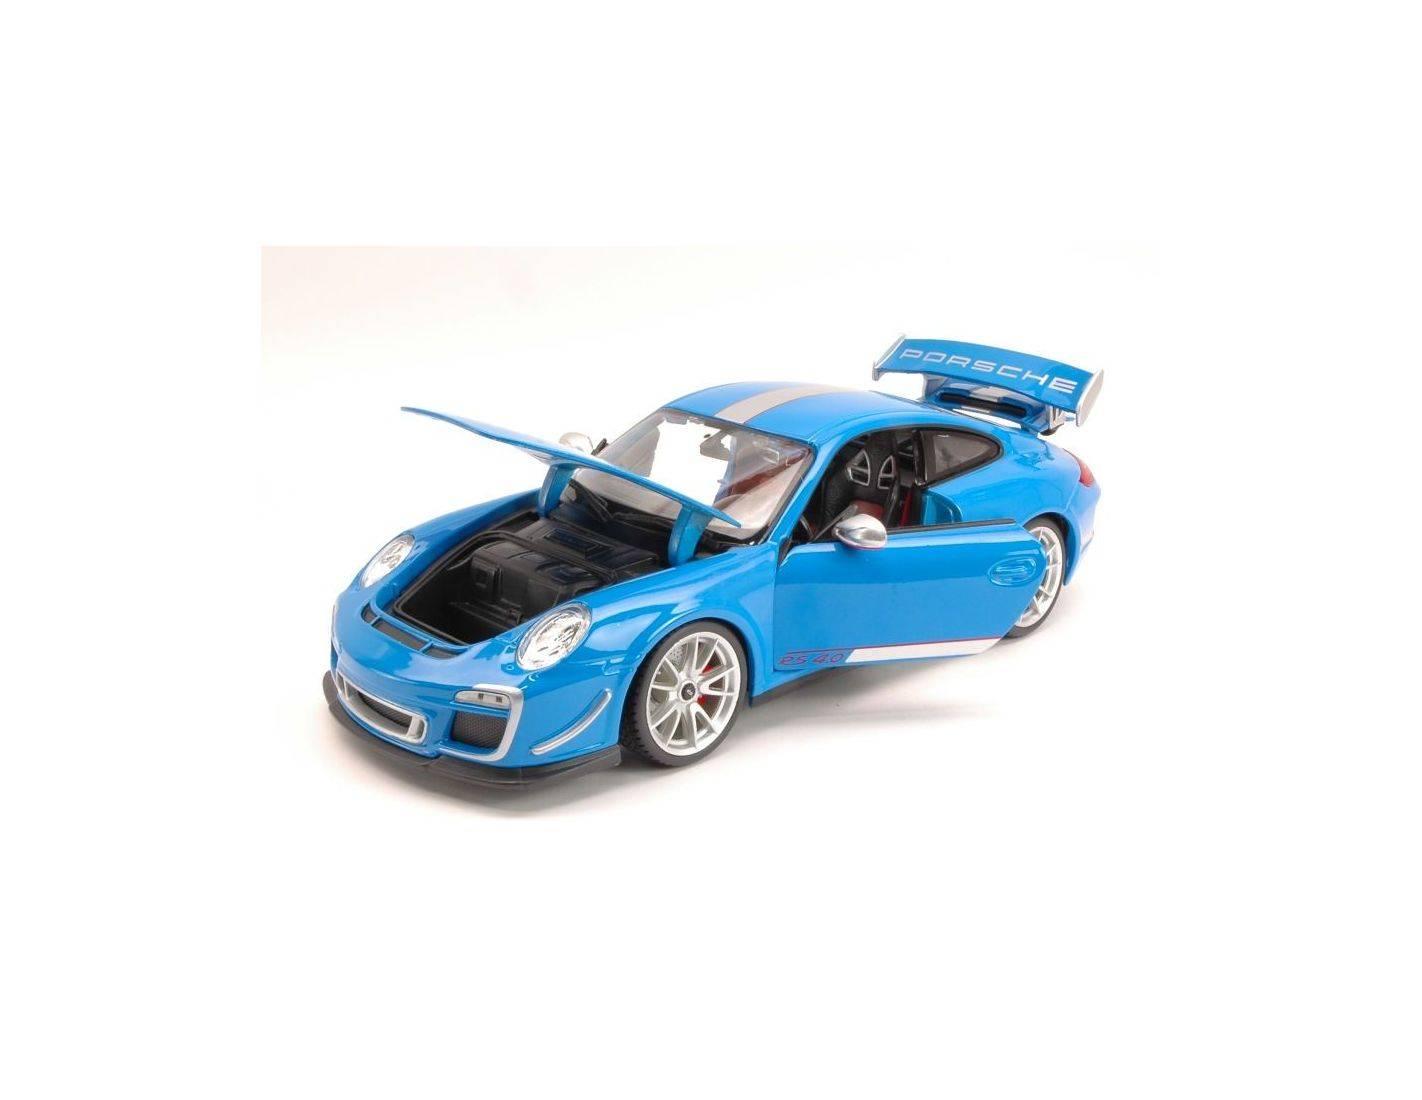 auto 1 18 bburago bu11036bl porsche 911 gt3 rs 4 0 2012 blue 1 18 modellino modellino shop. Black Bedroom Furniture Sets. Home Design Ideas